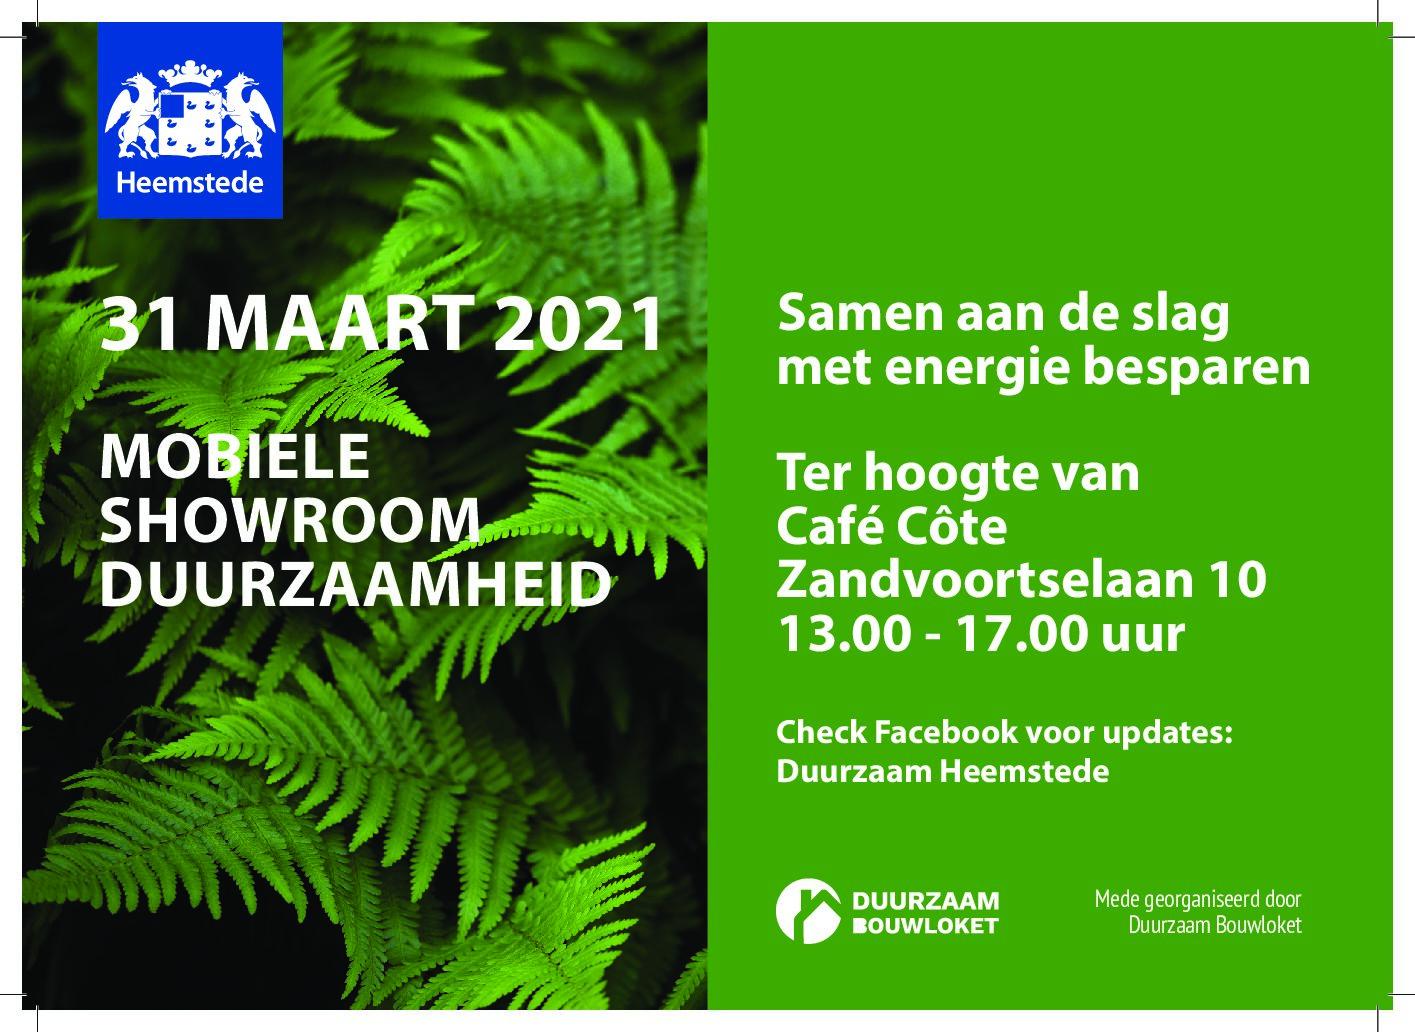 Hij is er weer: de mobiele showroom over duurzaamheid in Heemstede